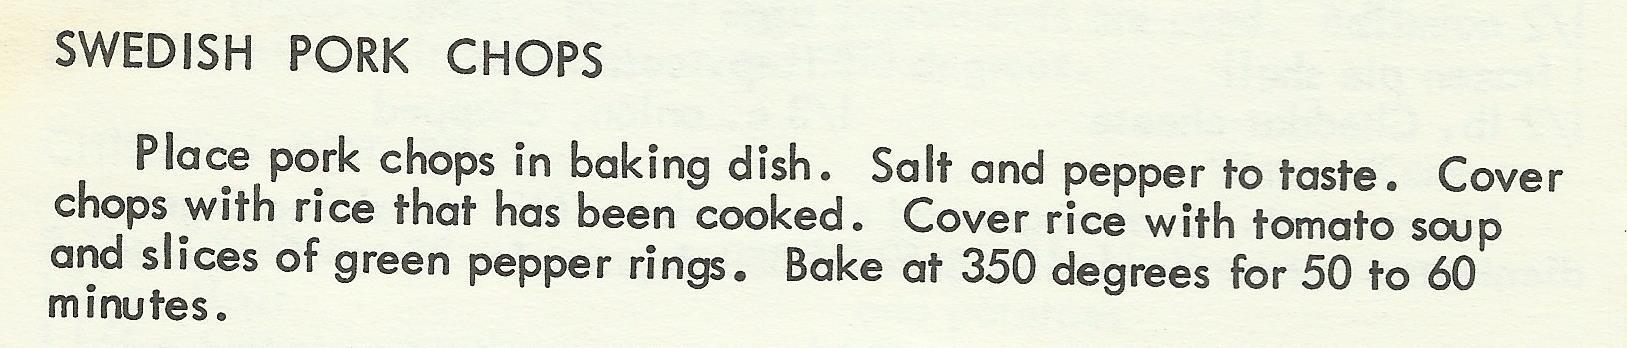 Swedish Pork Chops